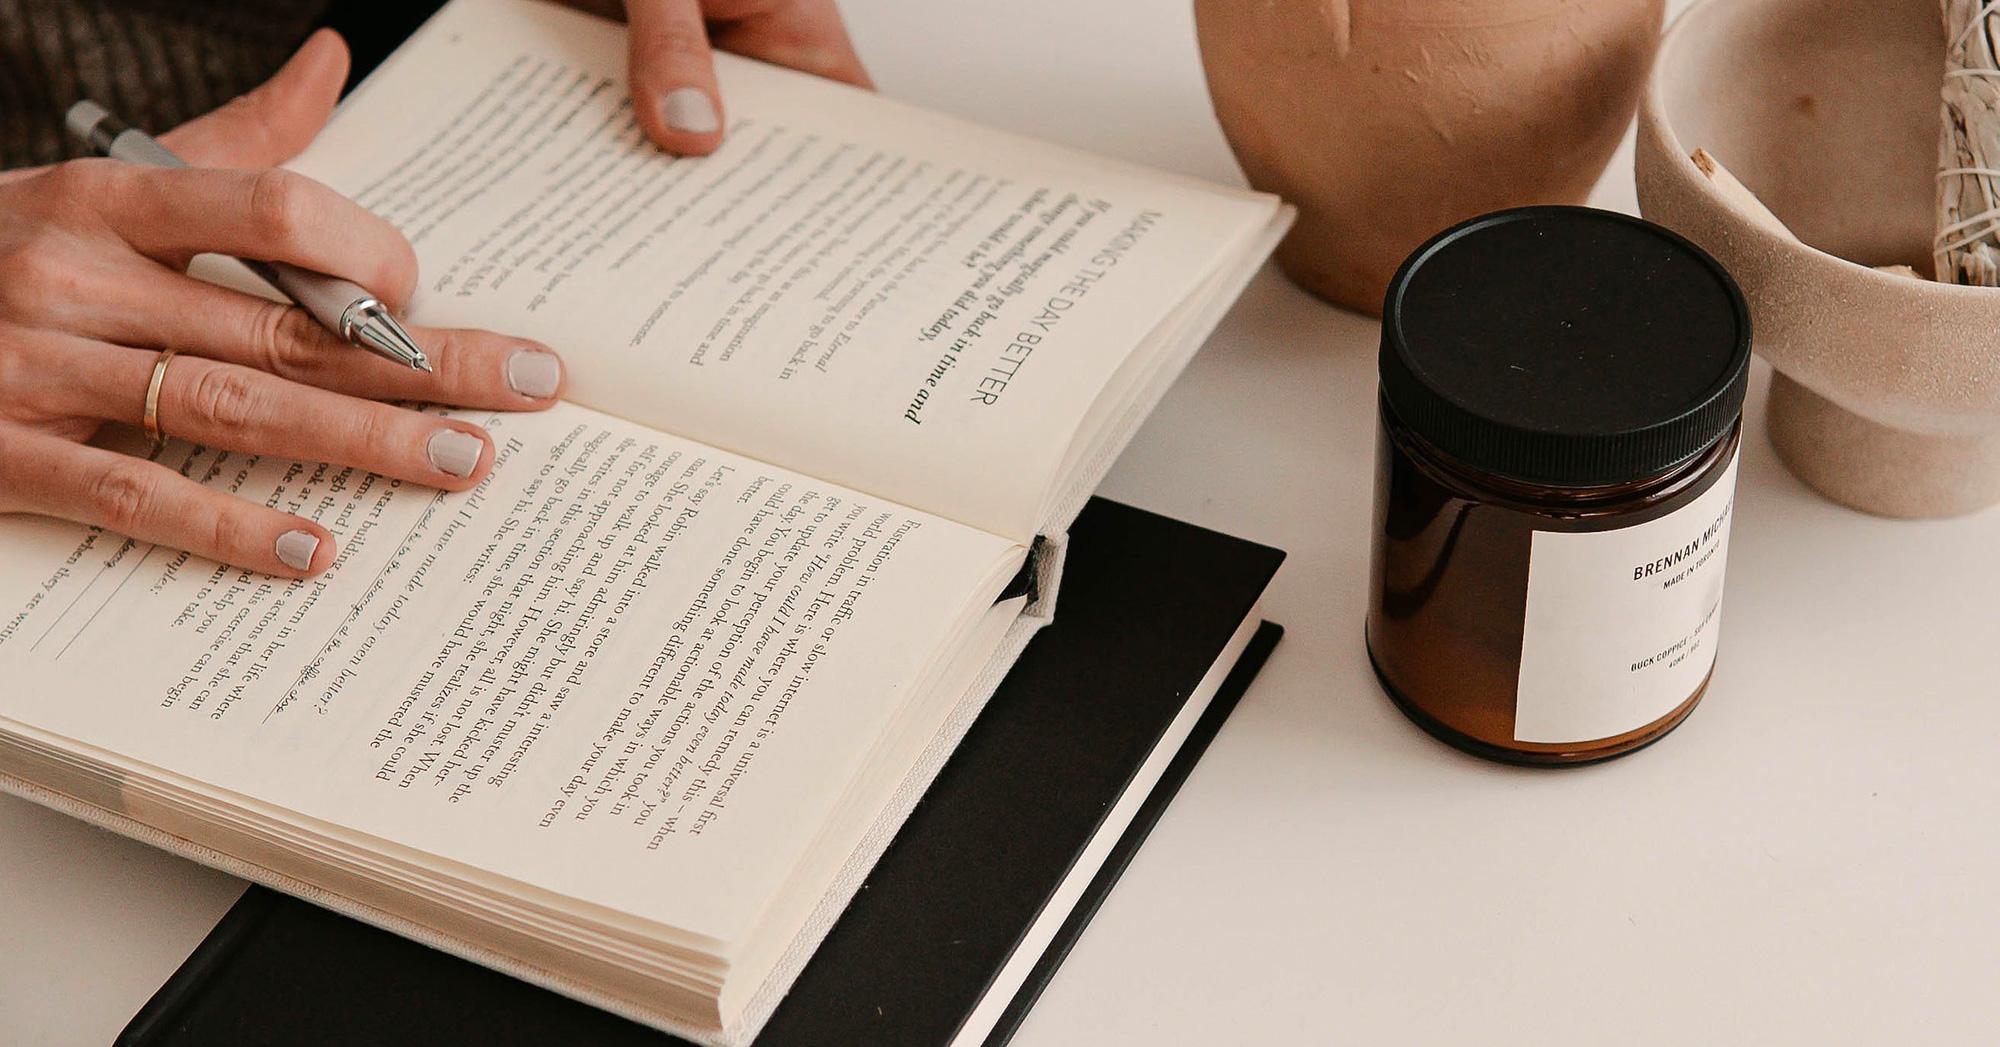 Top view di un libro aperto su una scrivania